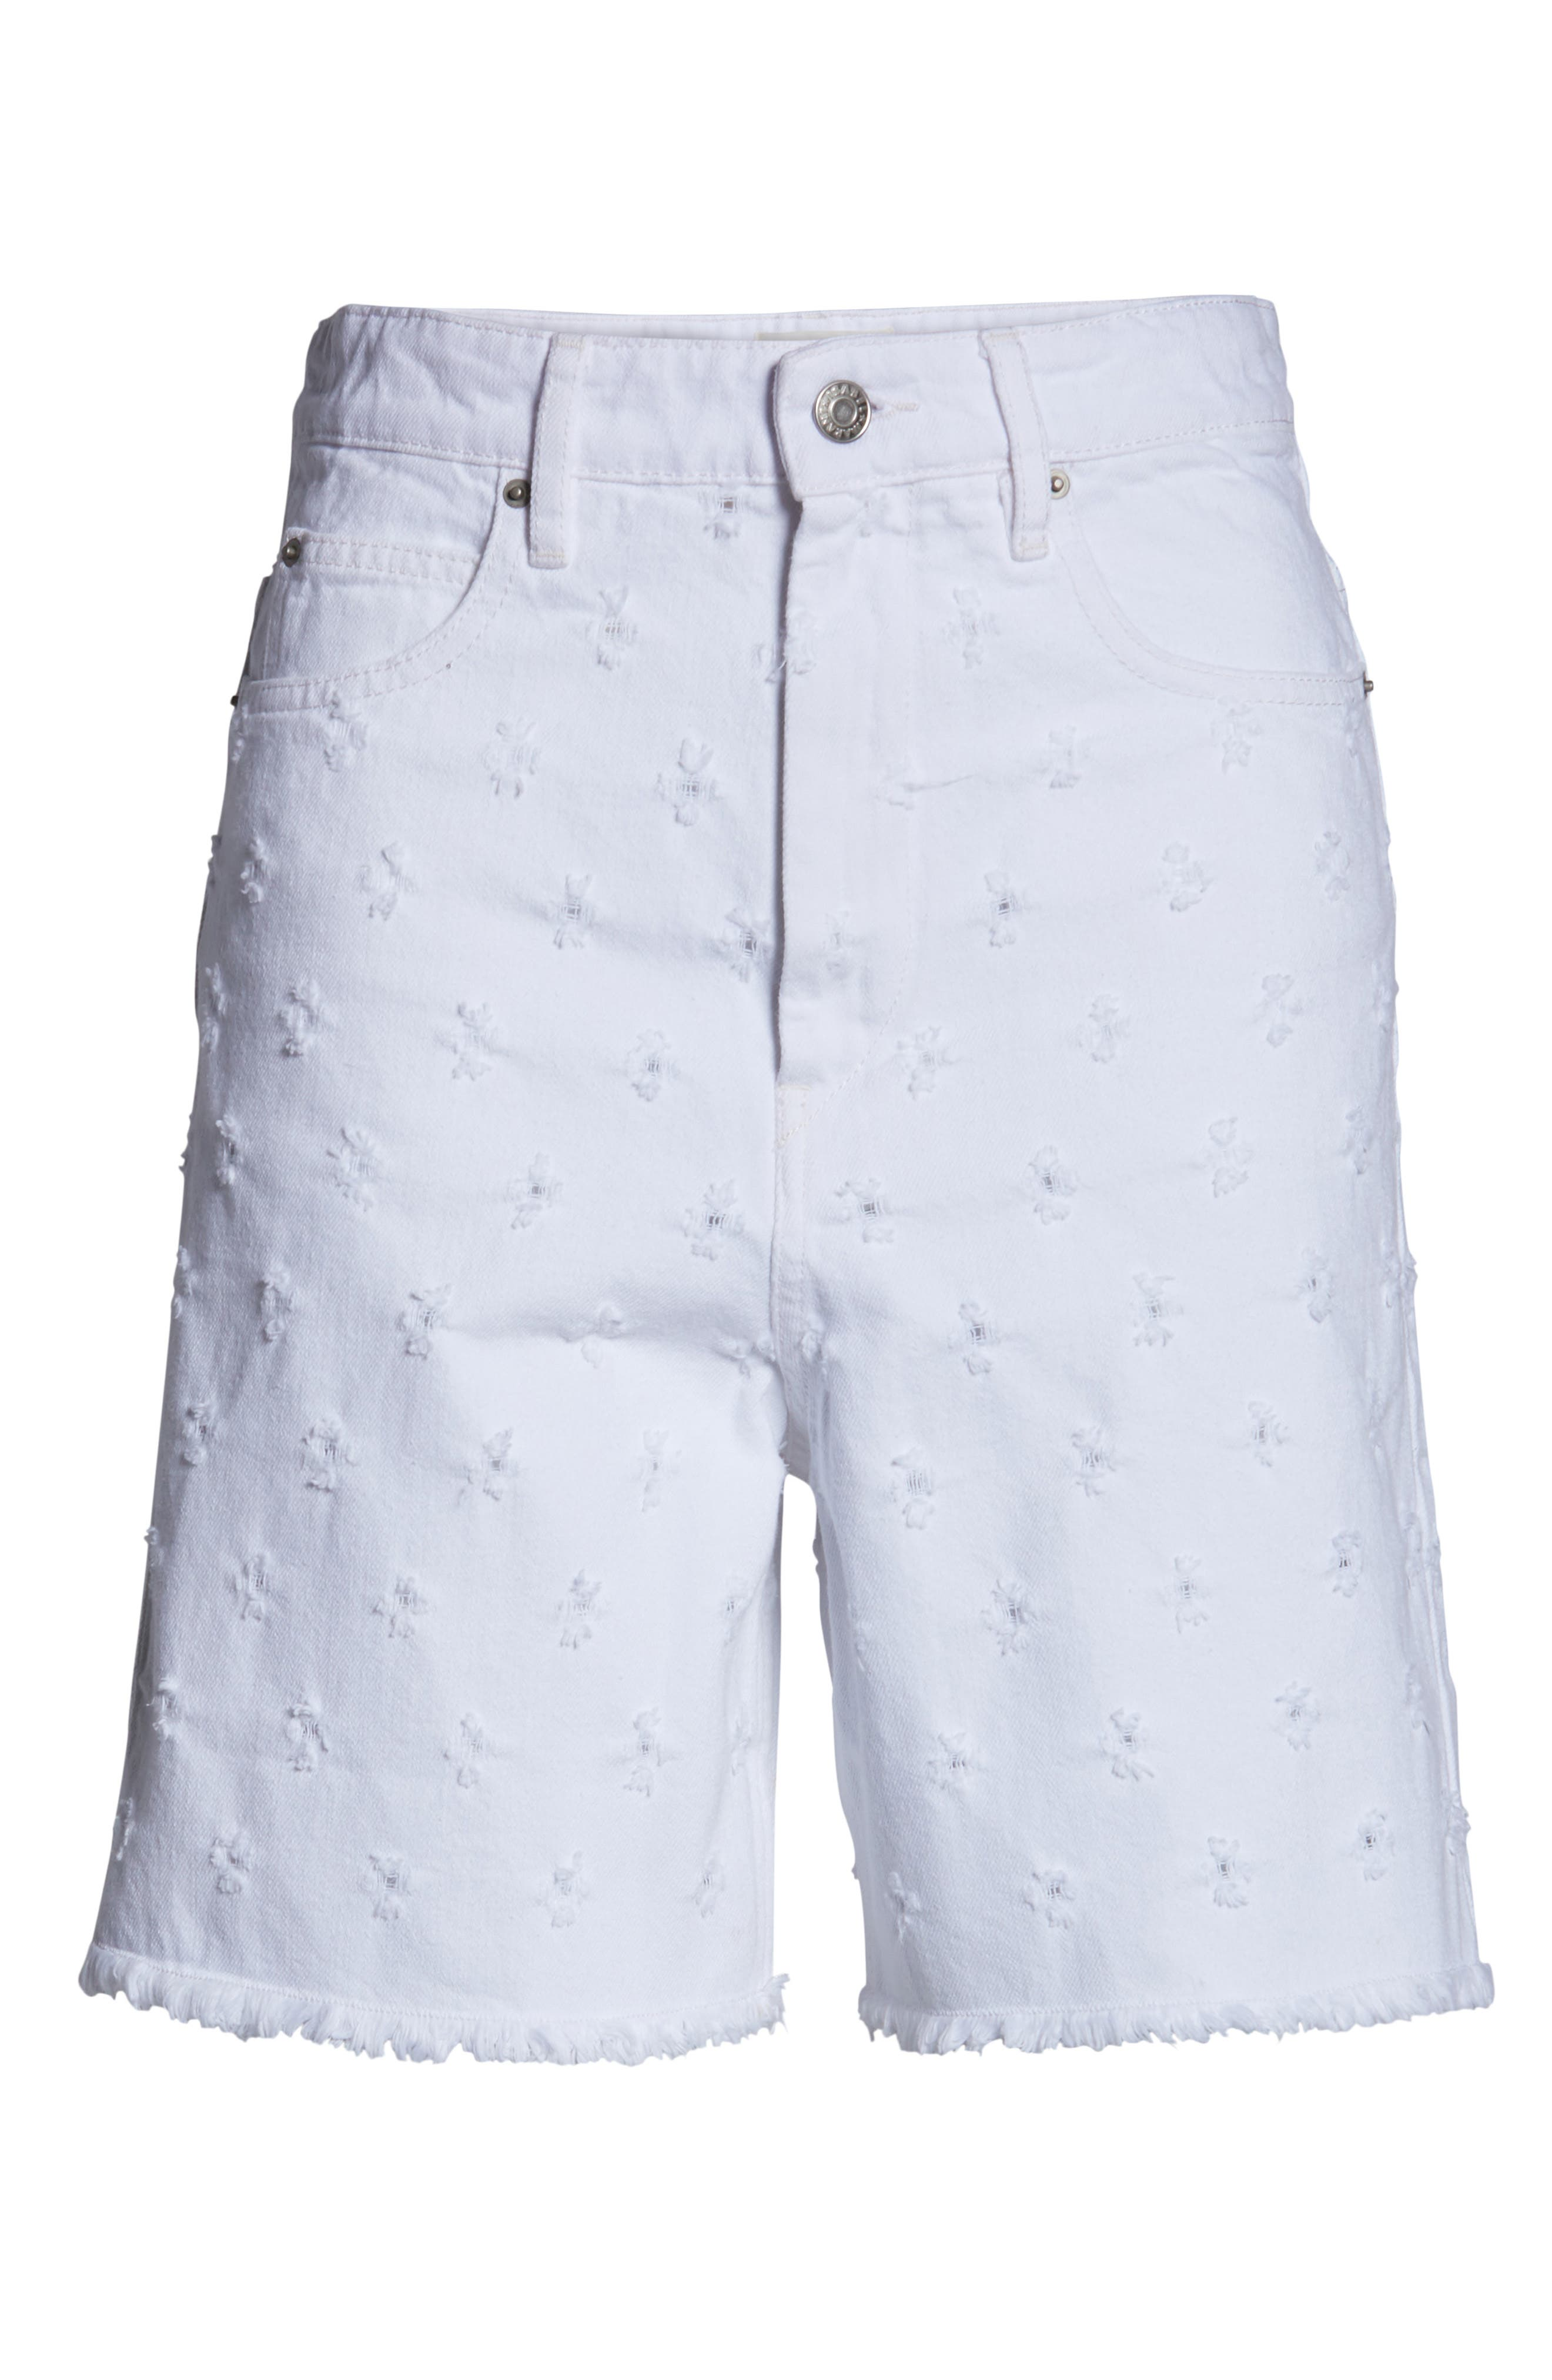 Liny Shredded Dot Denim Shorts,                             Alternate thumbnail 7, color,                             WHITE